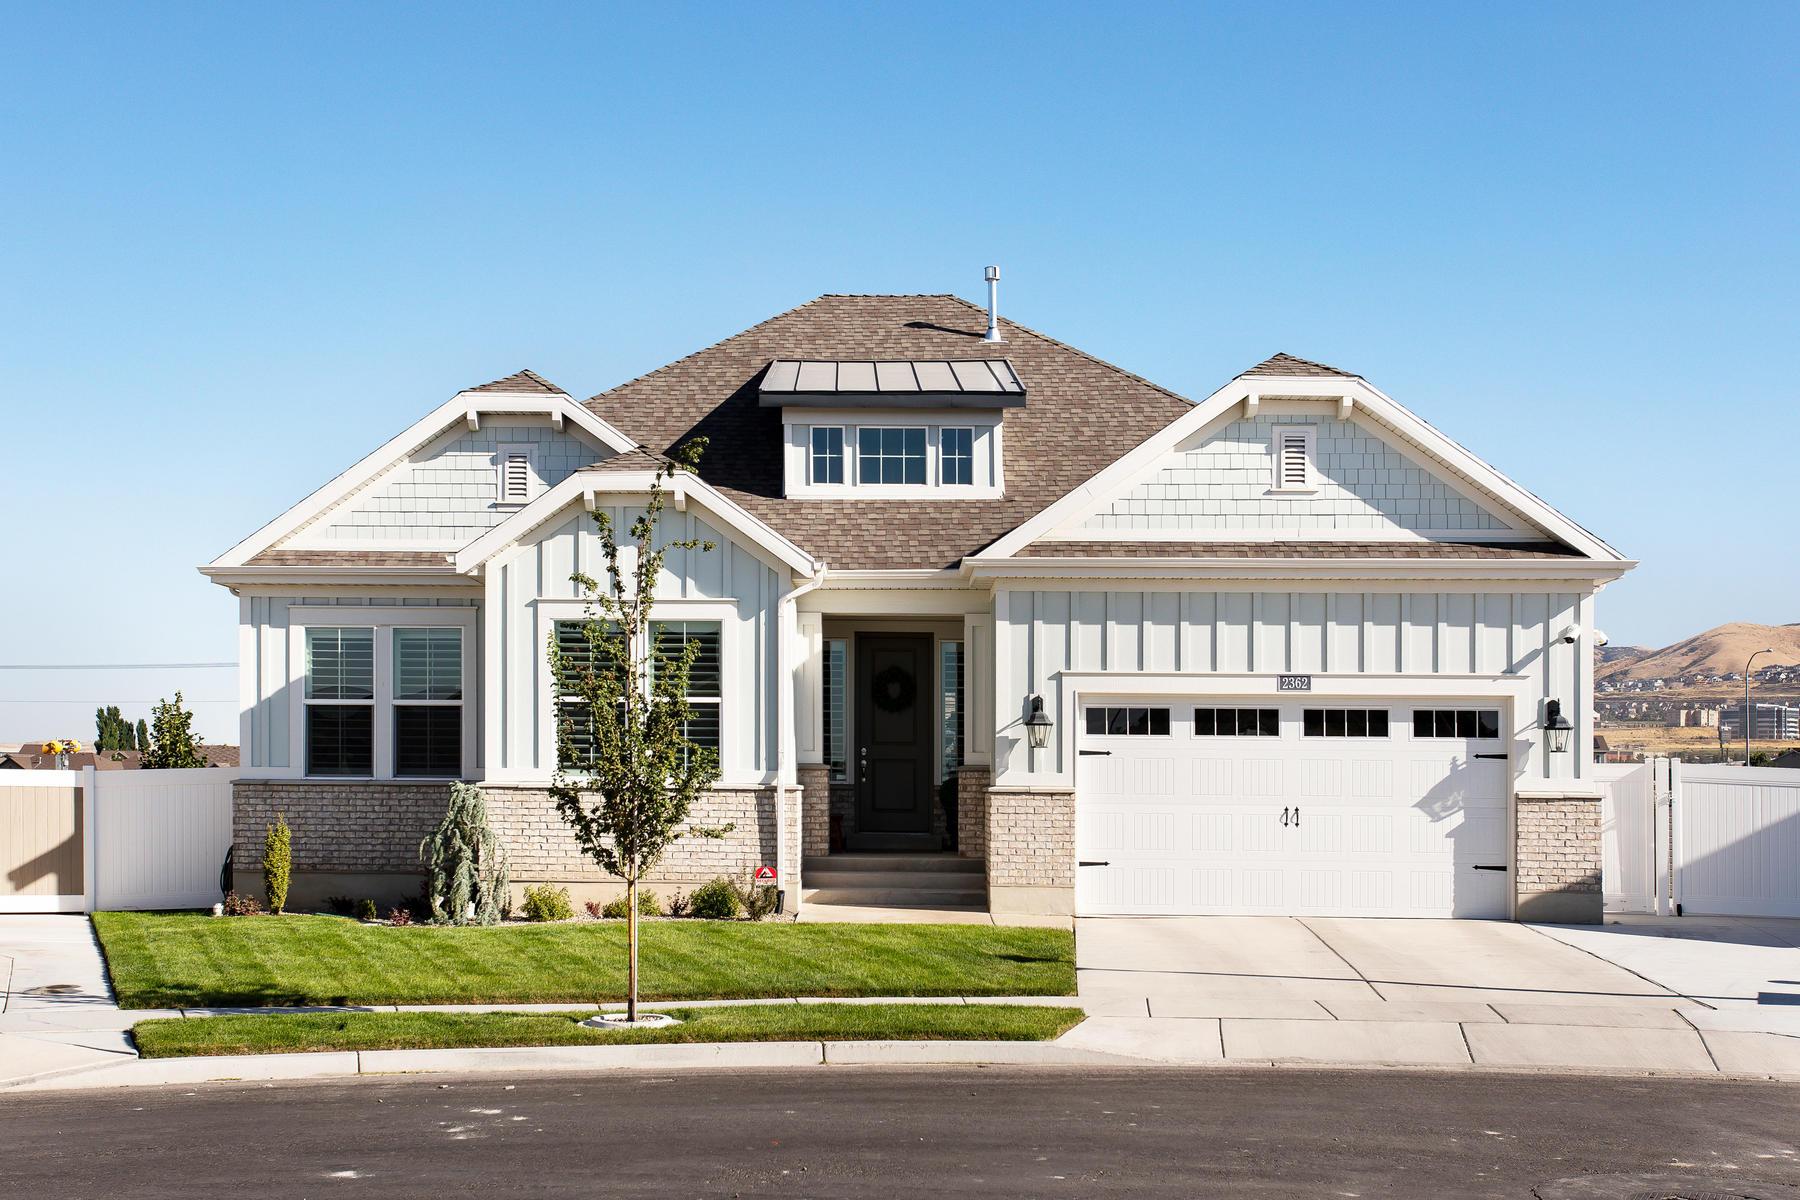 Single Family Homes için Satış at Immaculate Craftsman-Style Home 2362 W Cranberry Ridge Rd, Lehi, Utah 84043 Amerika Birleşik Devletleri